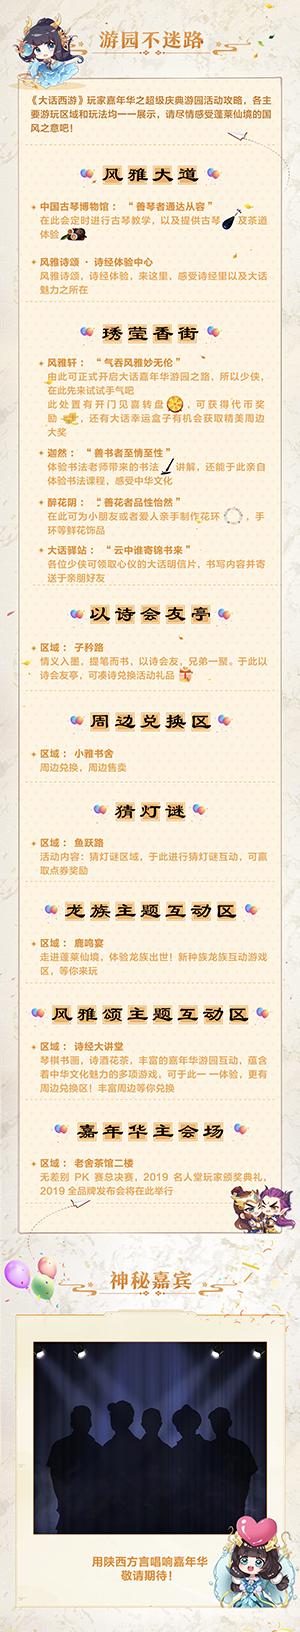 2019大话西游玩家嘉年华之超级盛典最全攻略!